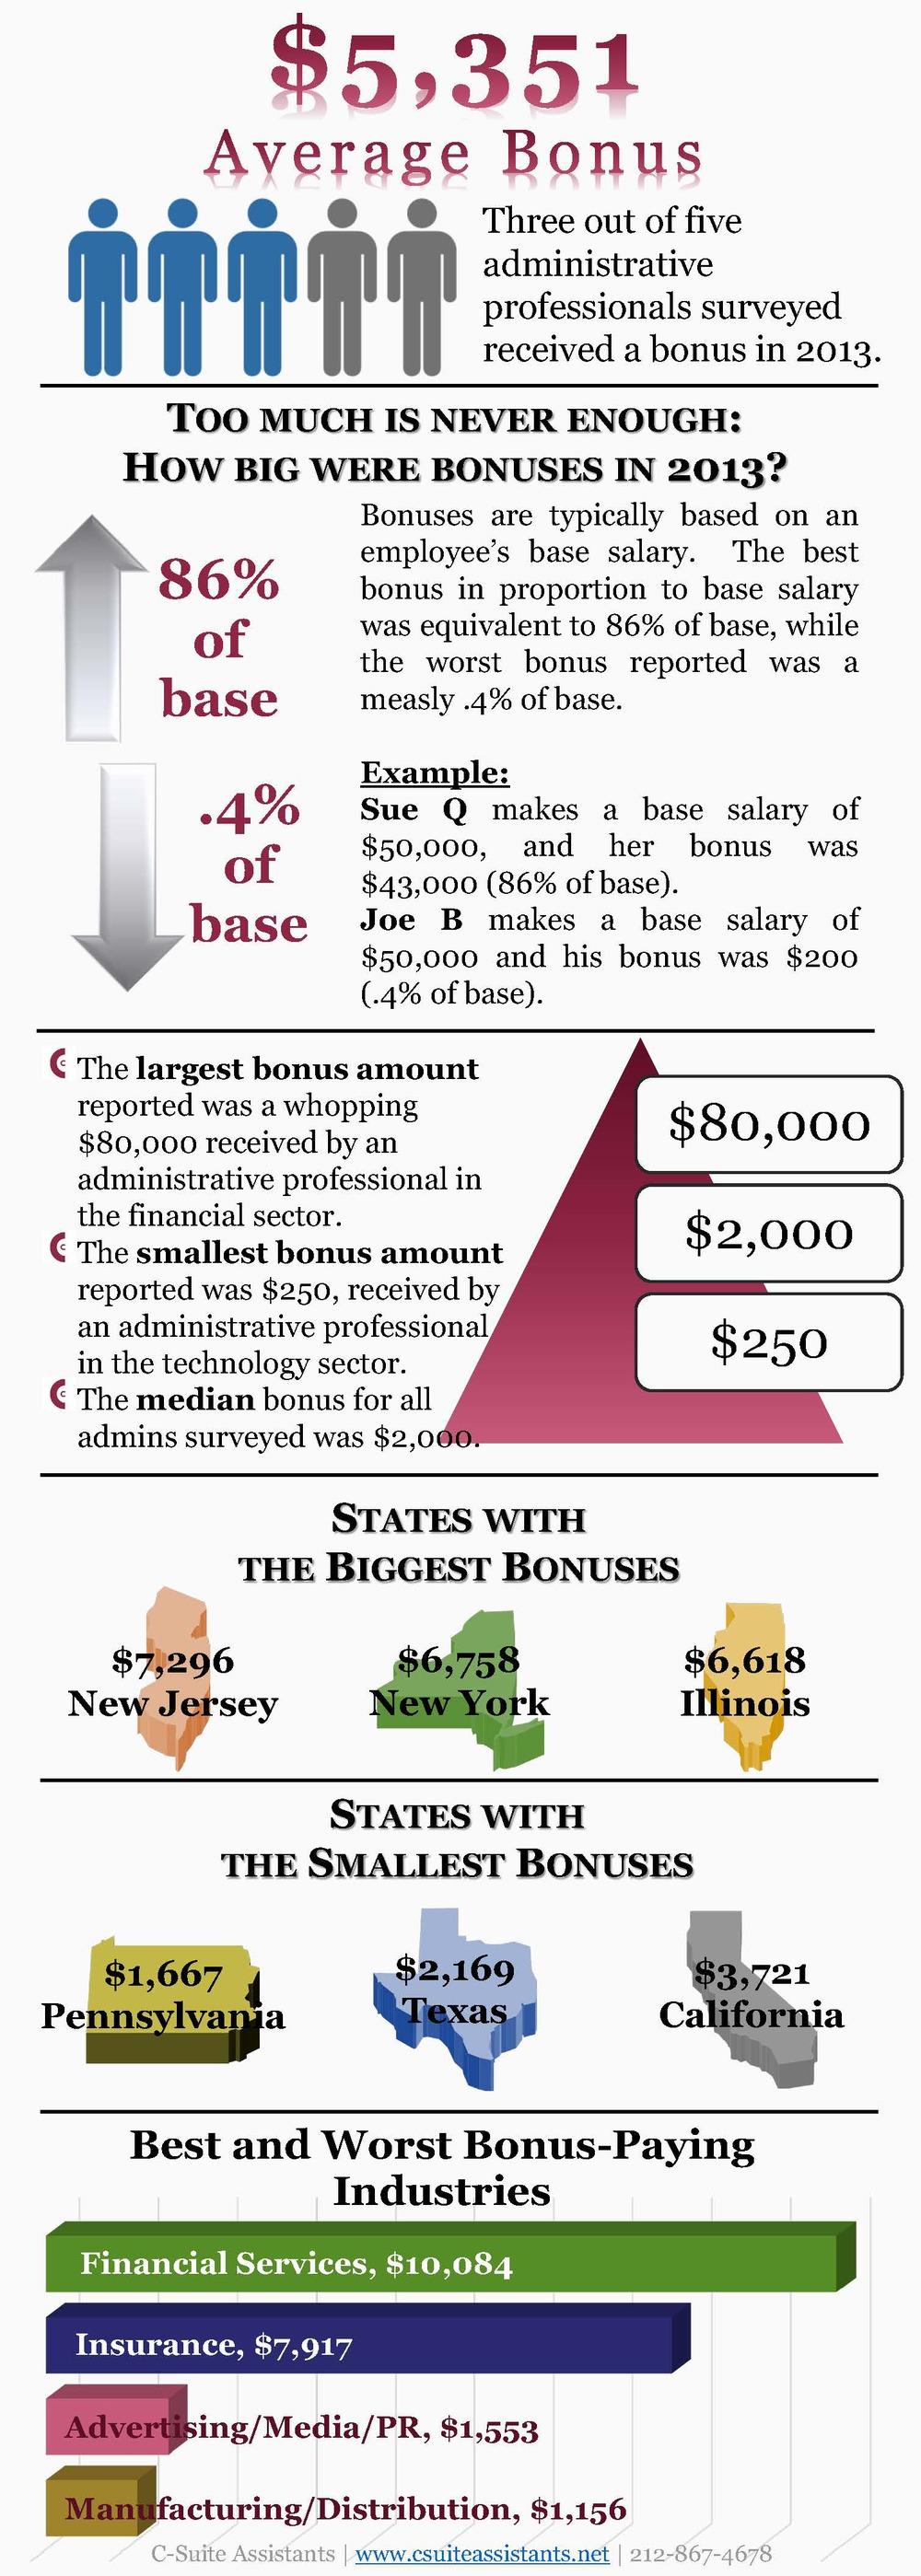 Average Bonus for Administrative Professionals 2013